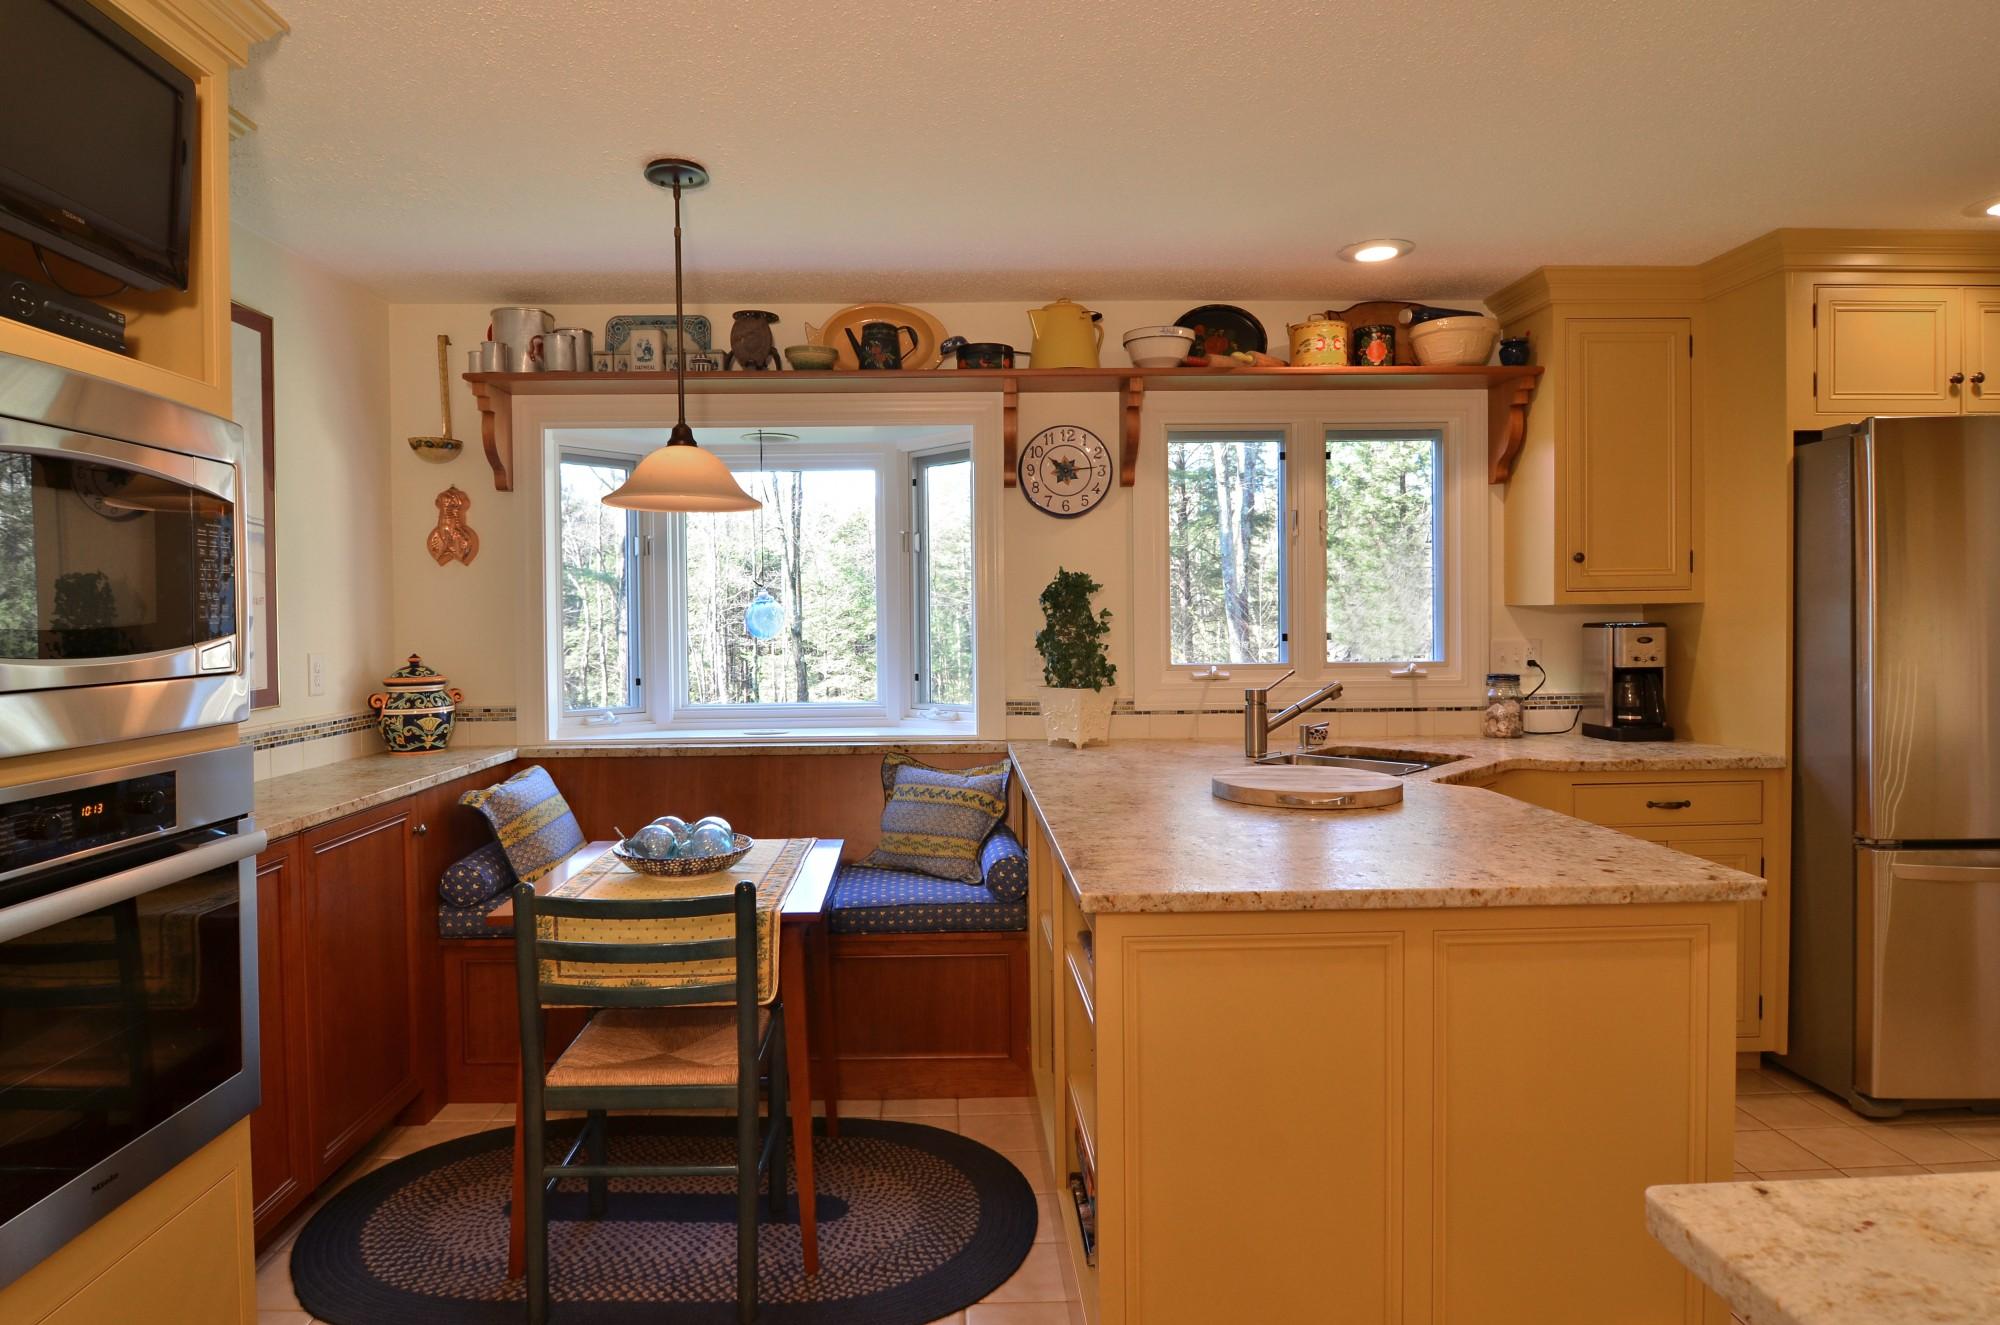 storybrook kitchen nook | currier kitchens